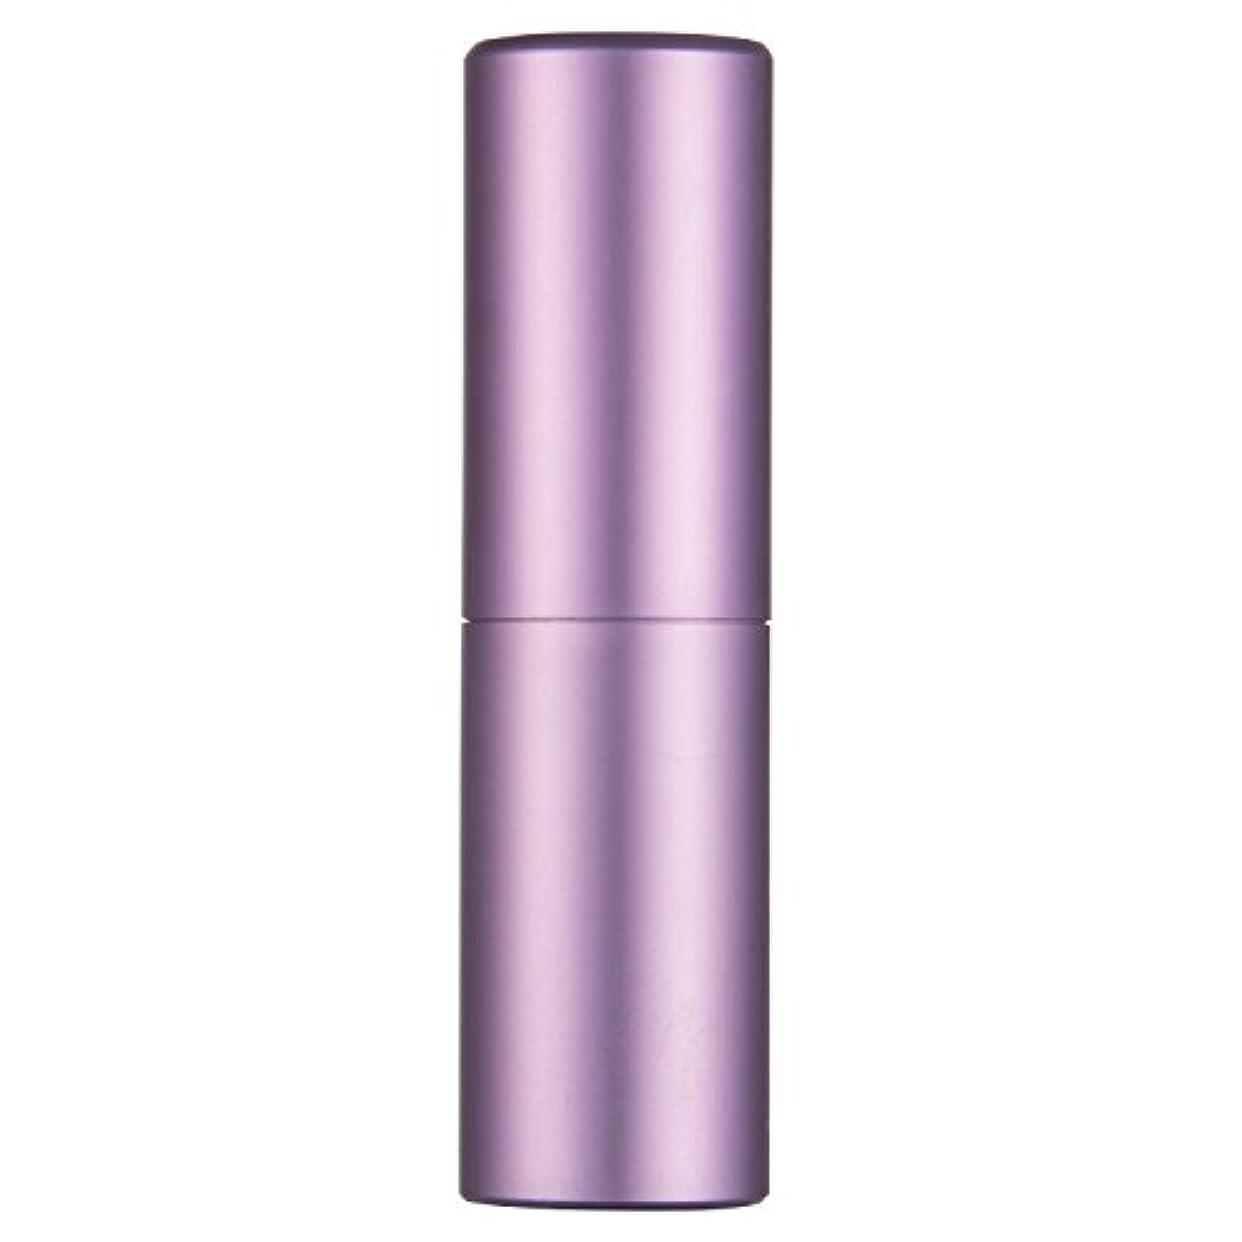 またね収束口頭香水アトマイザー Faireach レディース スプレーボトル 香水噴霧器 旅行携帯便利 詰め替え容器 20ml (パープル)